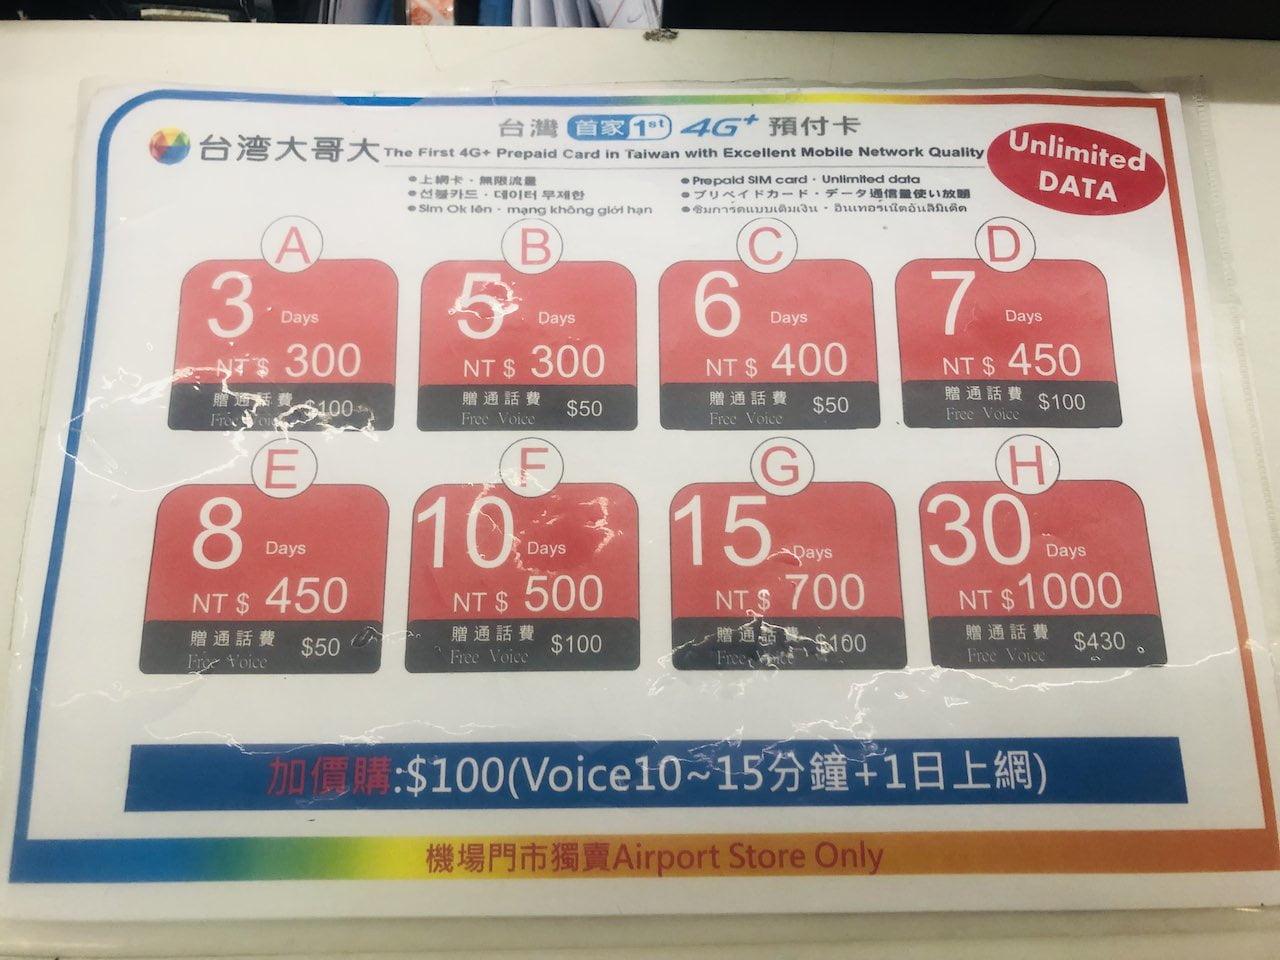 Taiwan airpor prepaids sim 0002